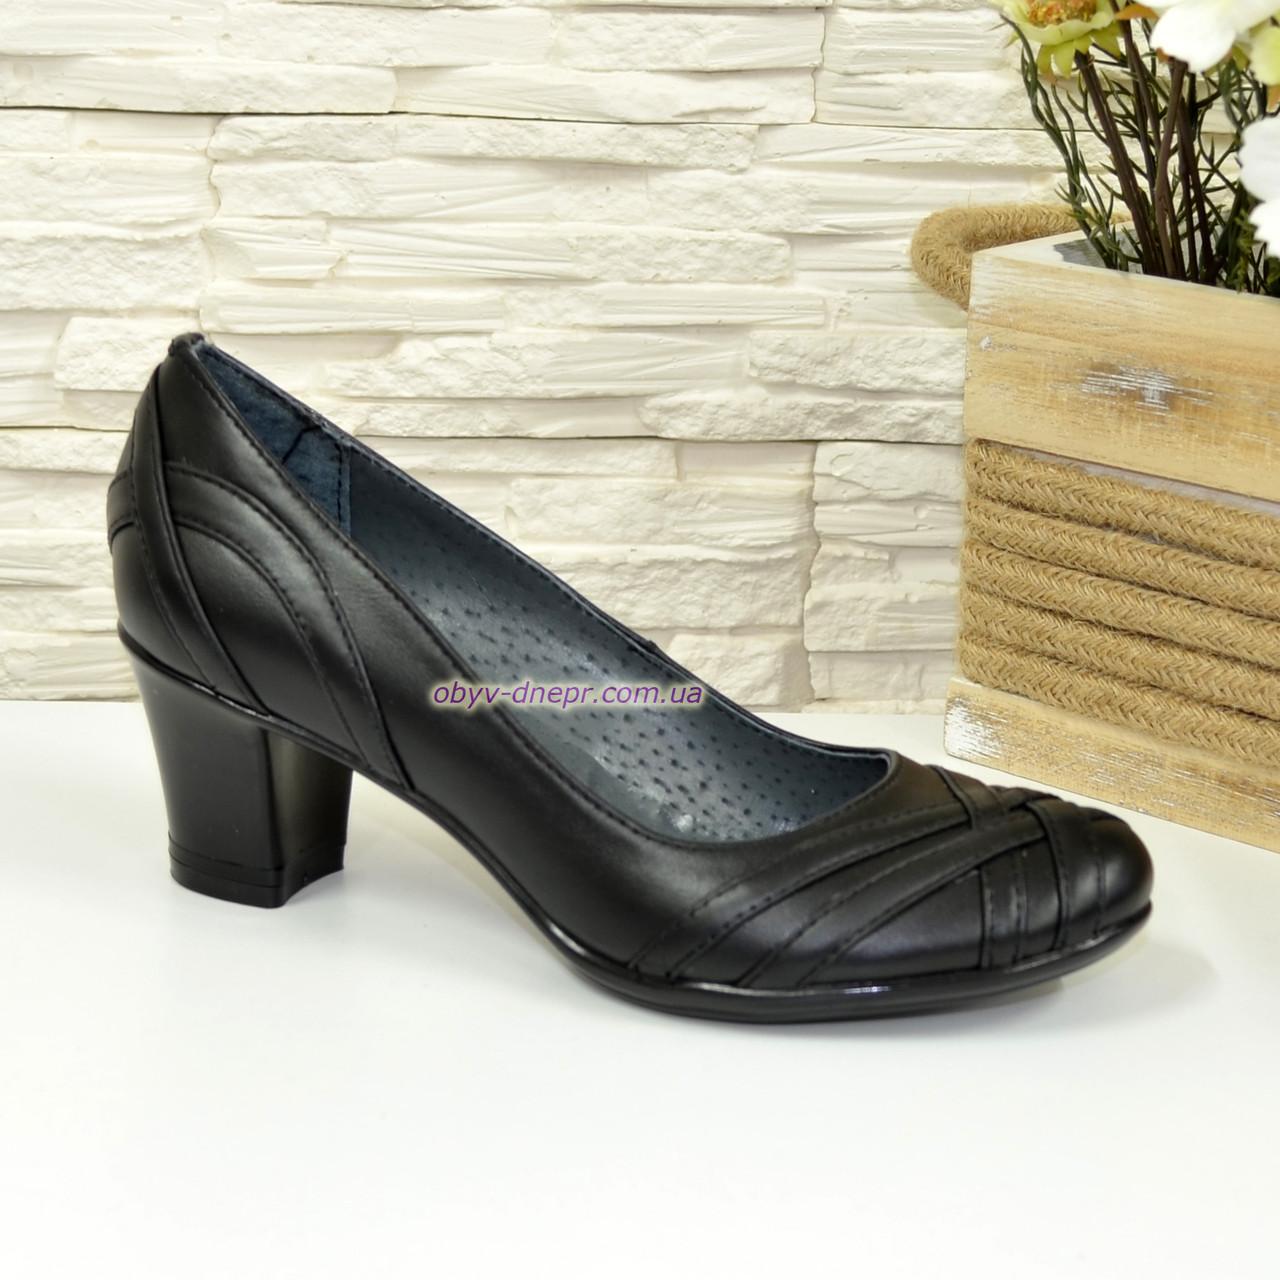 """Туфли женские кожаные на каблуке с плетением. ТМ """"Maestro"""""""